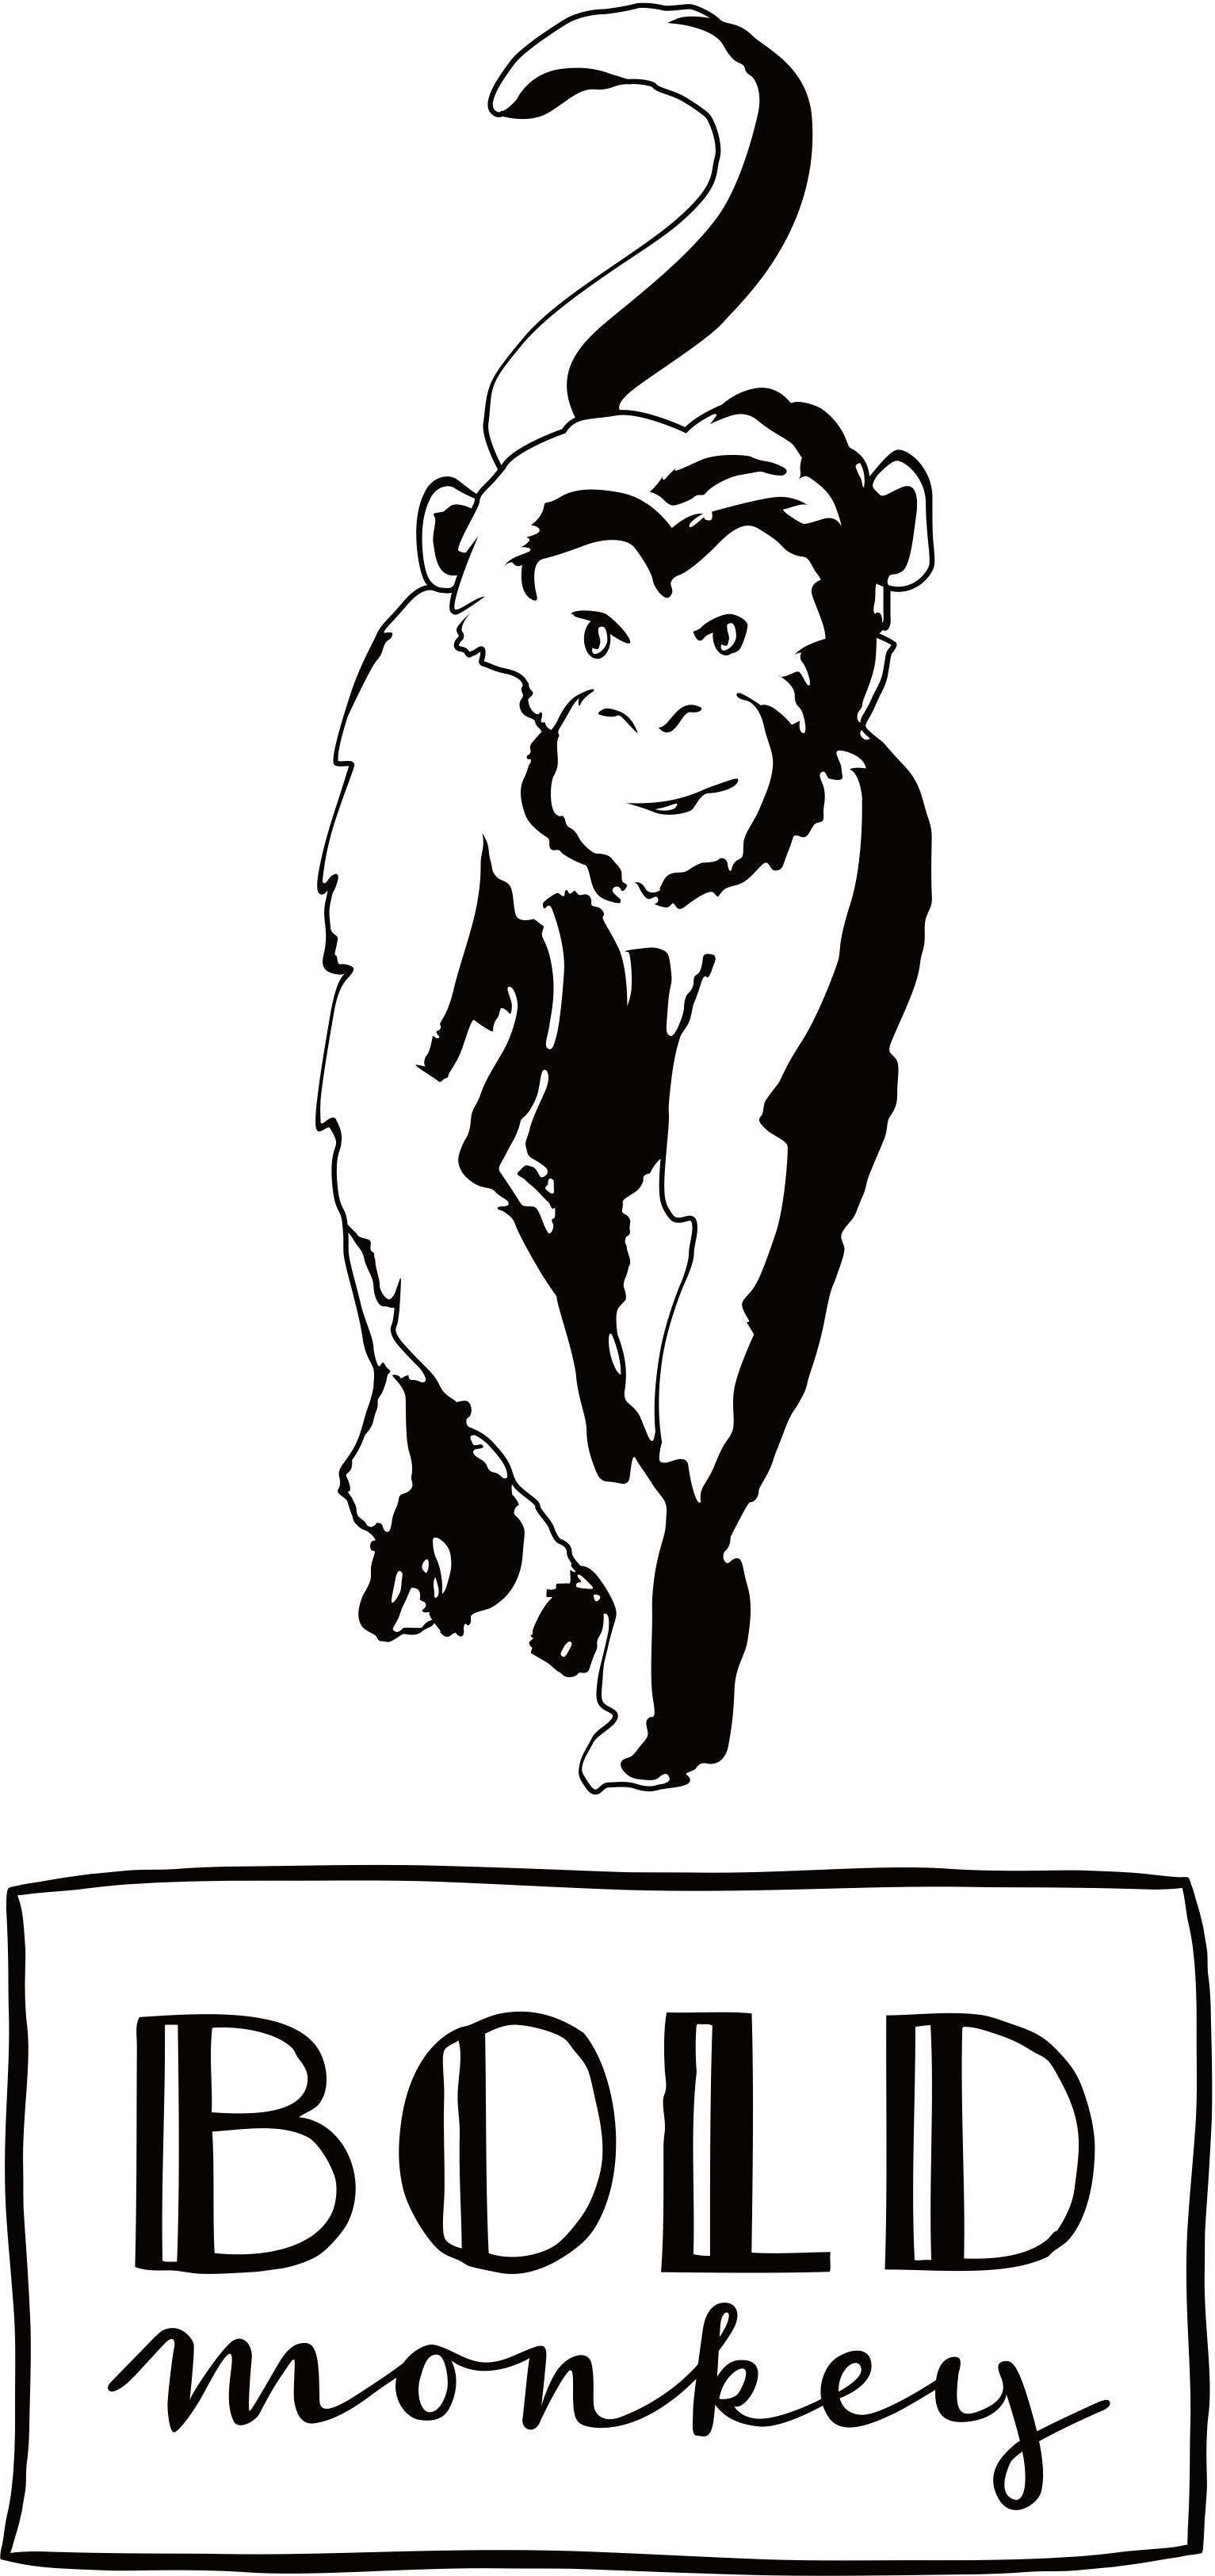 Bold Monkey i am not a macaron stoel velvet blauw gouden poten vooraanzicht